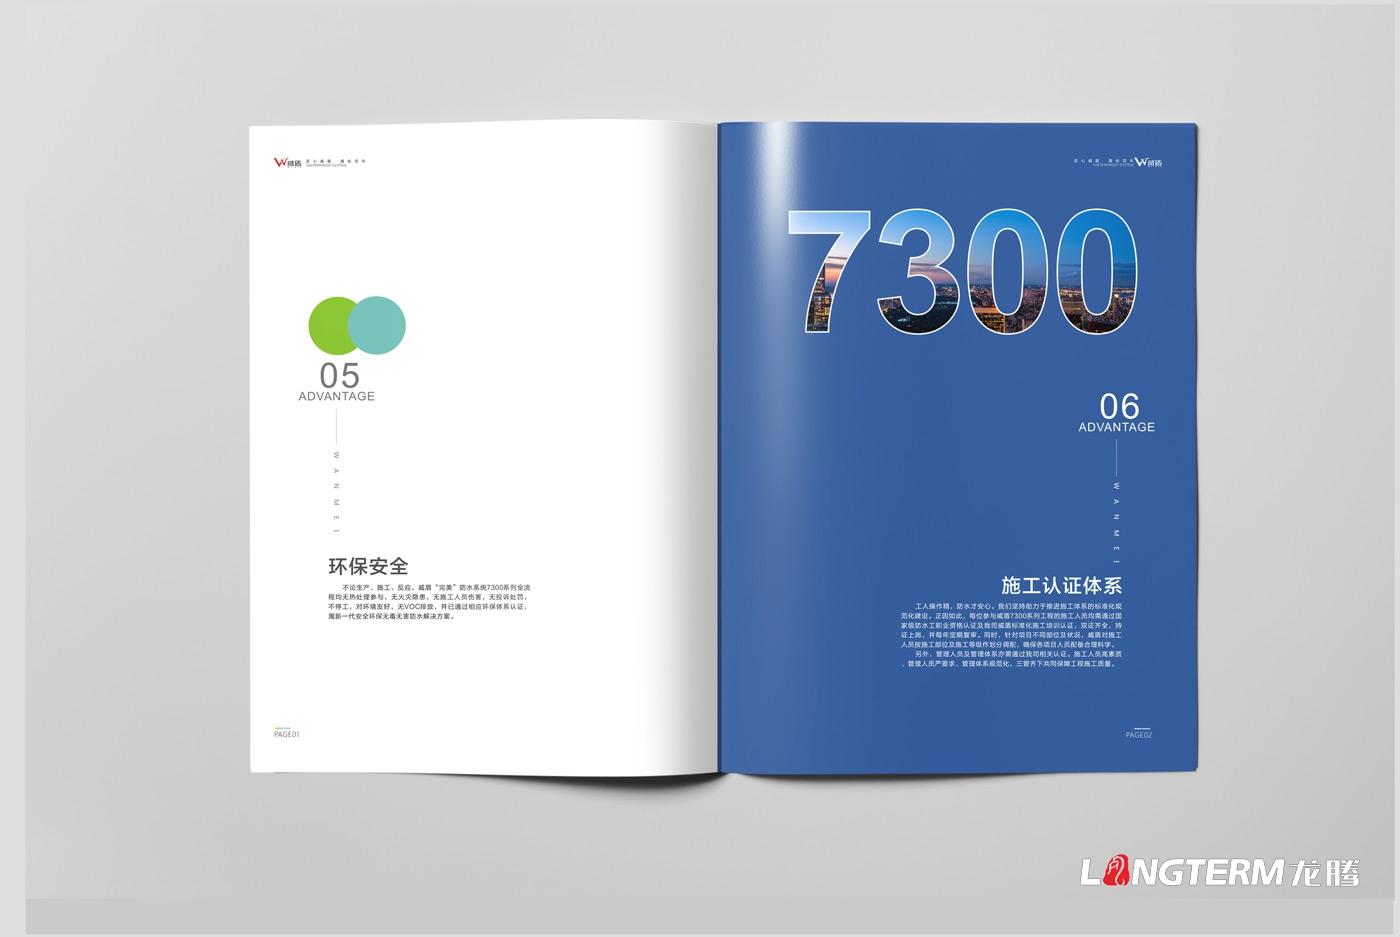 威盾防水宣传册设计_四川省宏源防水工程有限公司防水材料产品手册宣传物料设计